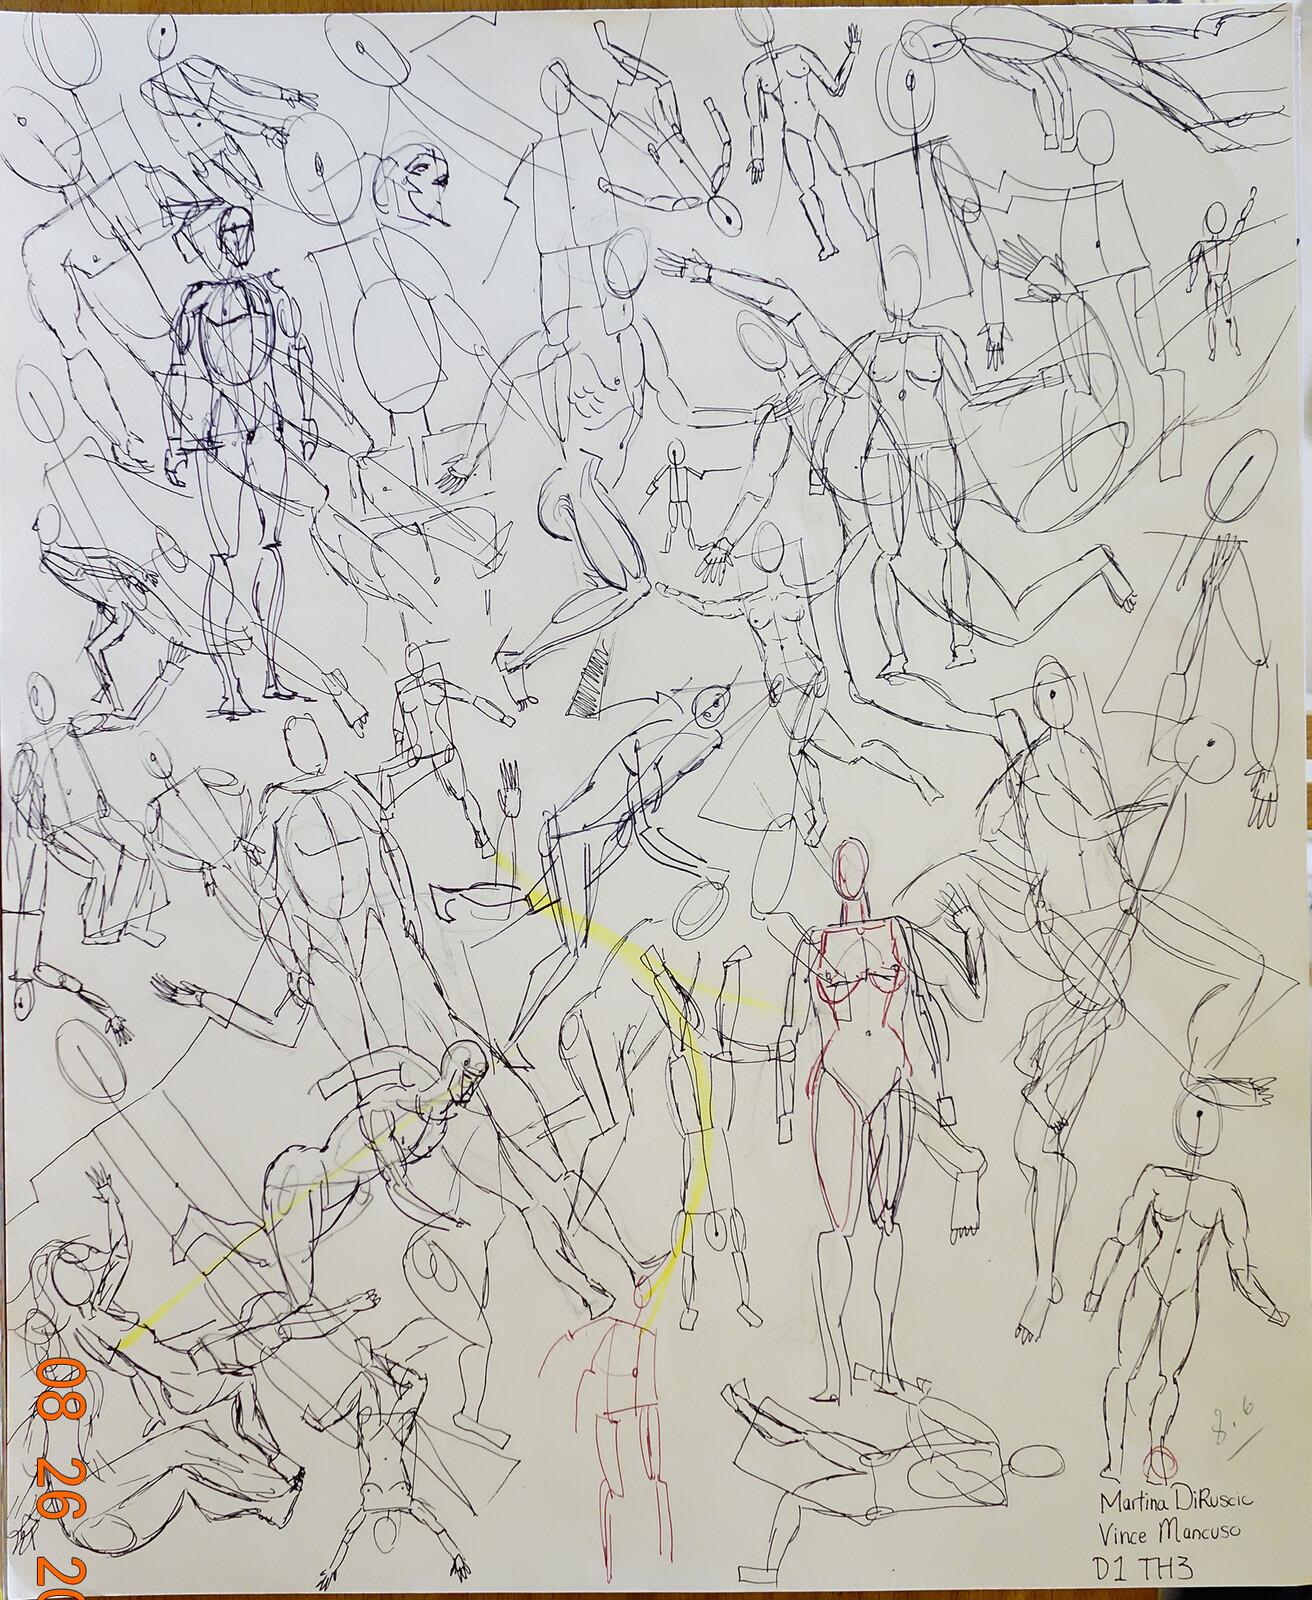 Project 13:  Manikin Figures in motion